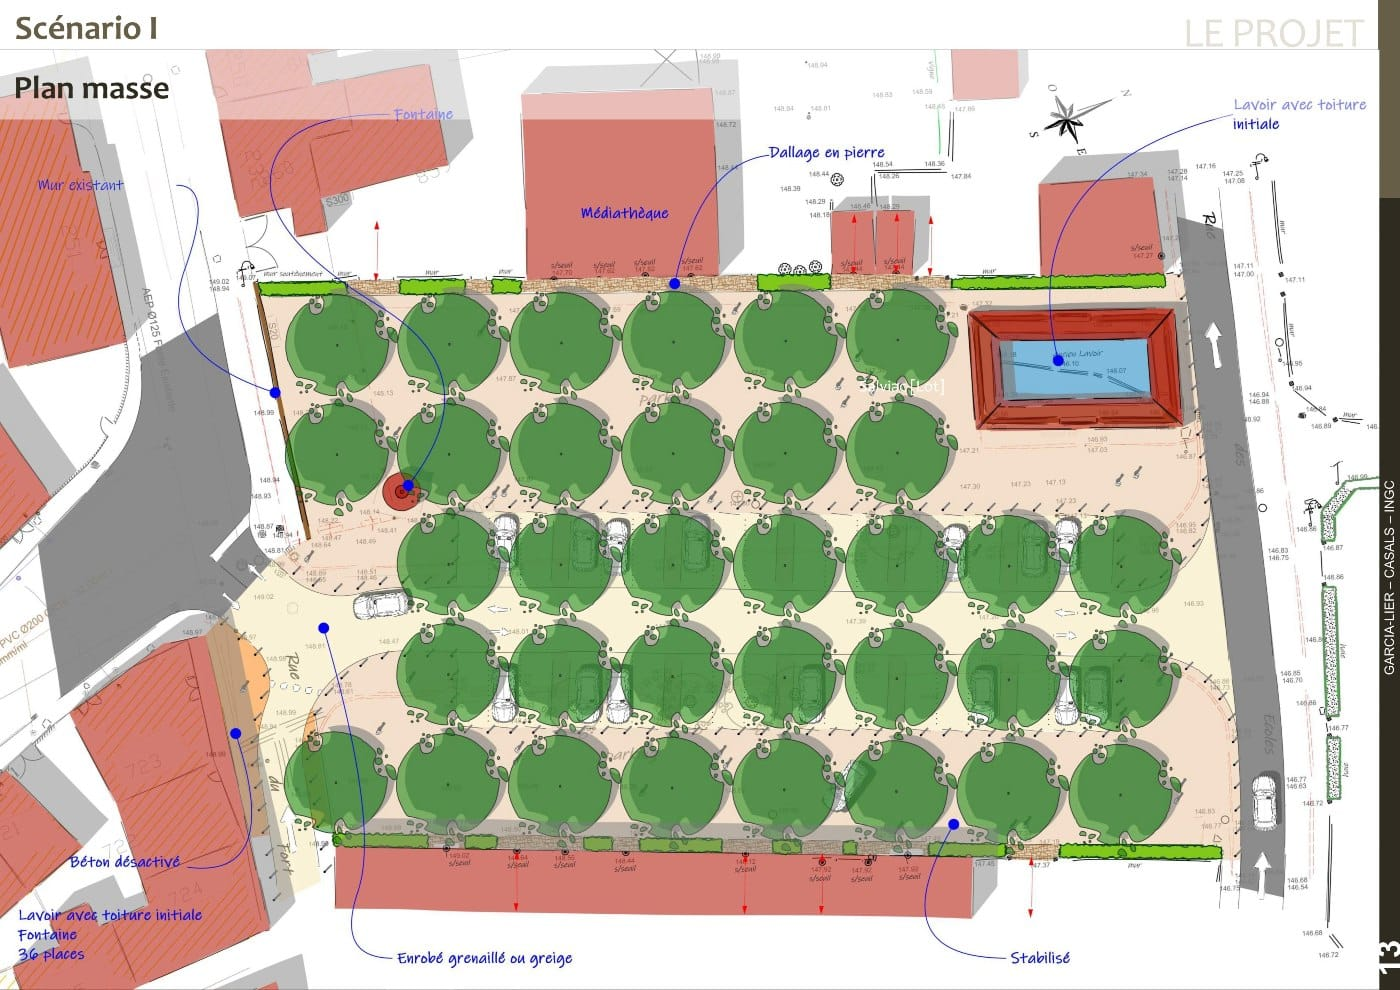 Plan masse AVP scénario 1